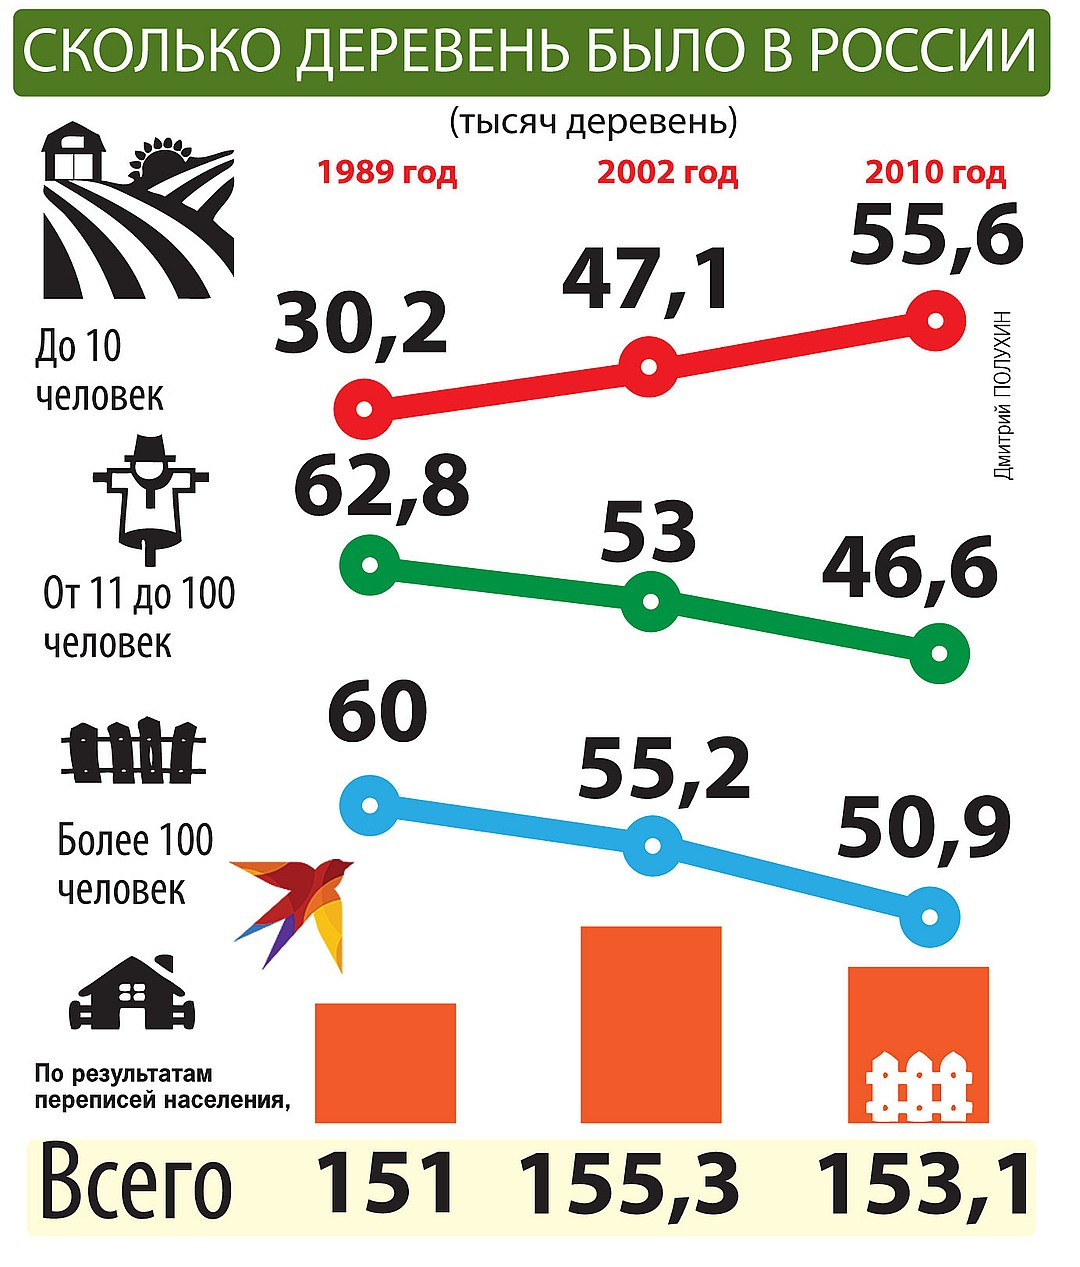 Сколько деревень было в России